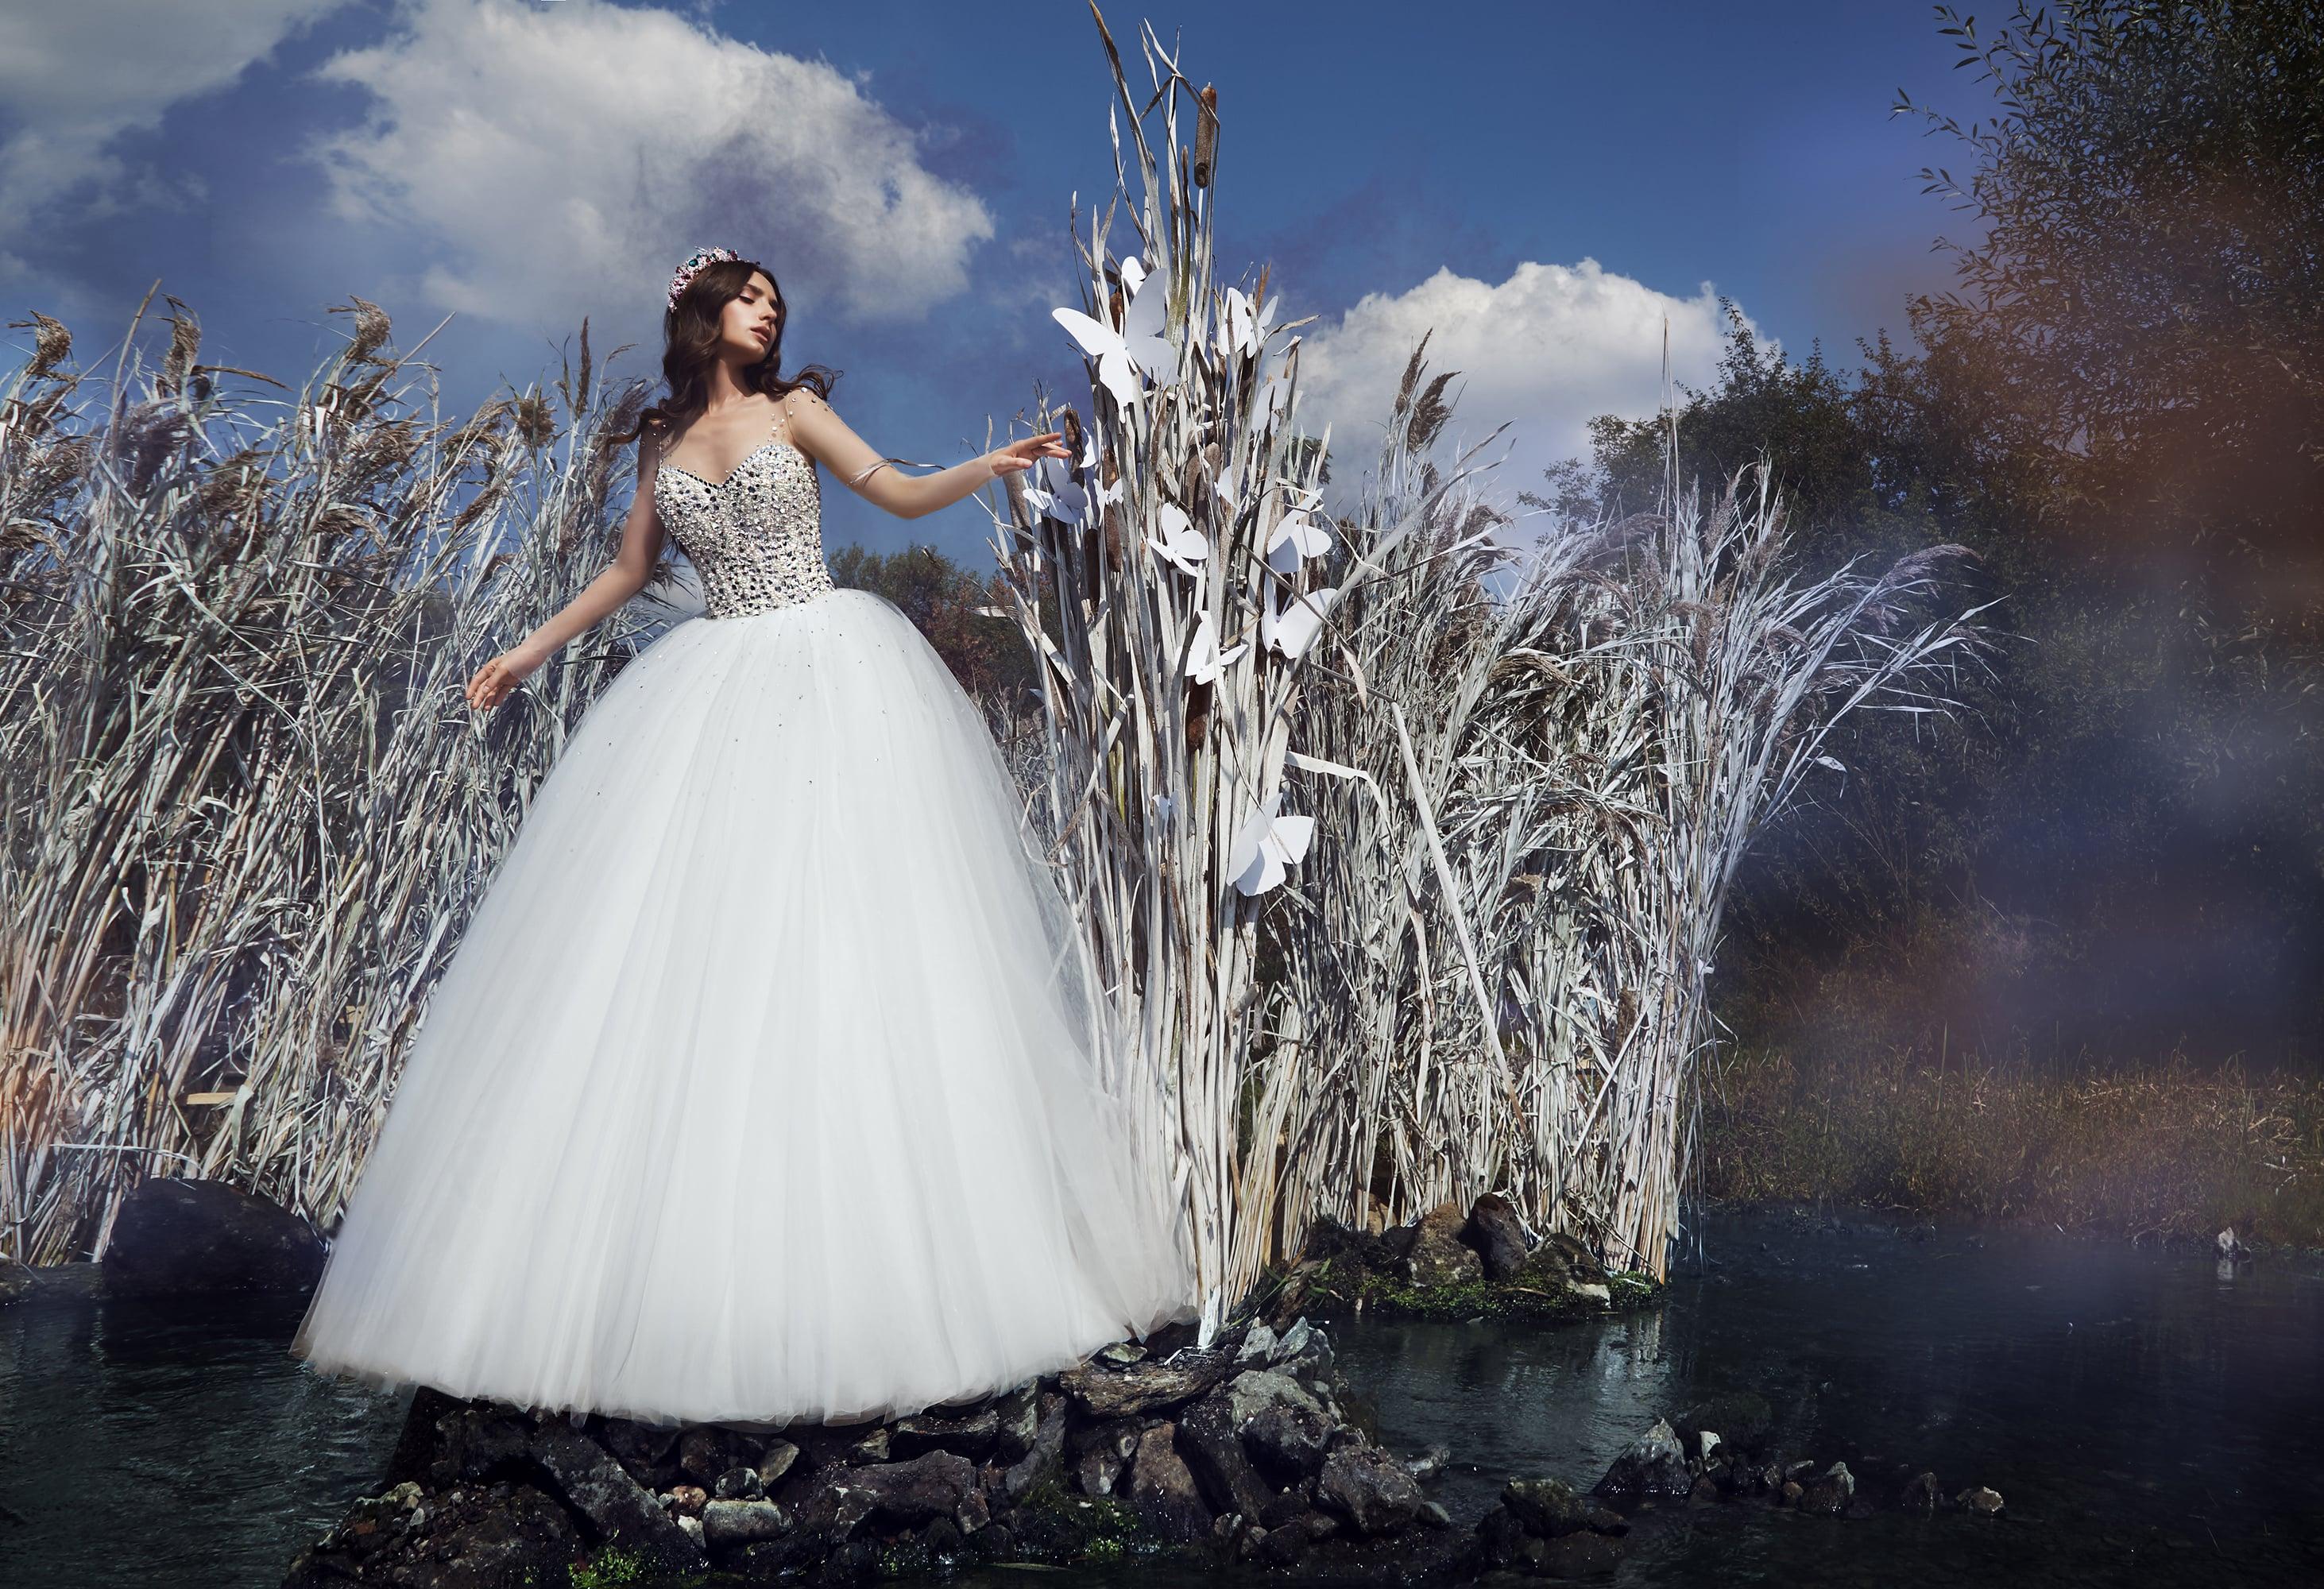 Впечатляющее свадебное платье с корсетом, покрытым стразами, и объемной юбкой.